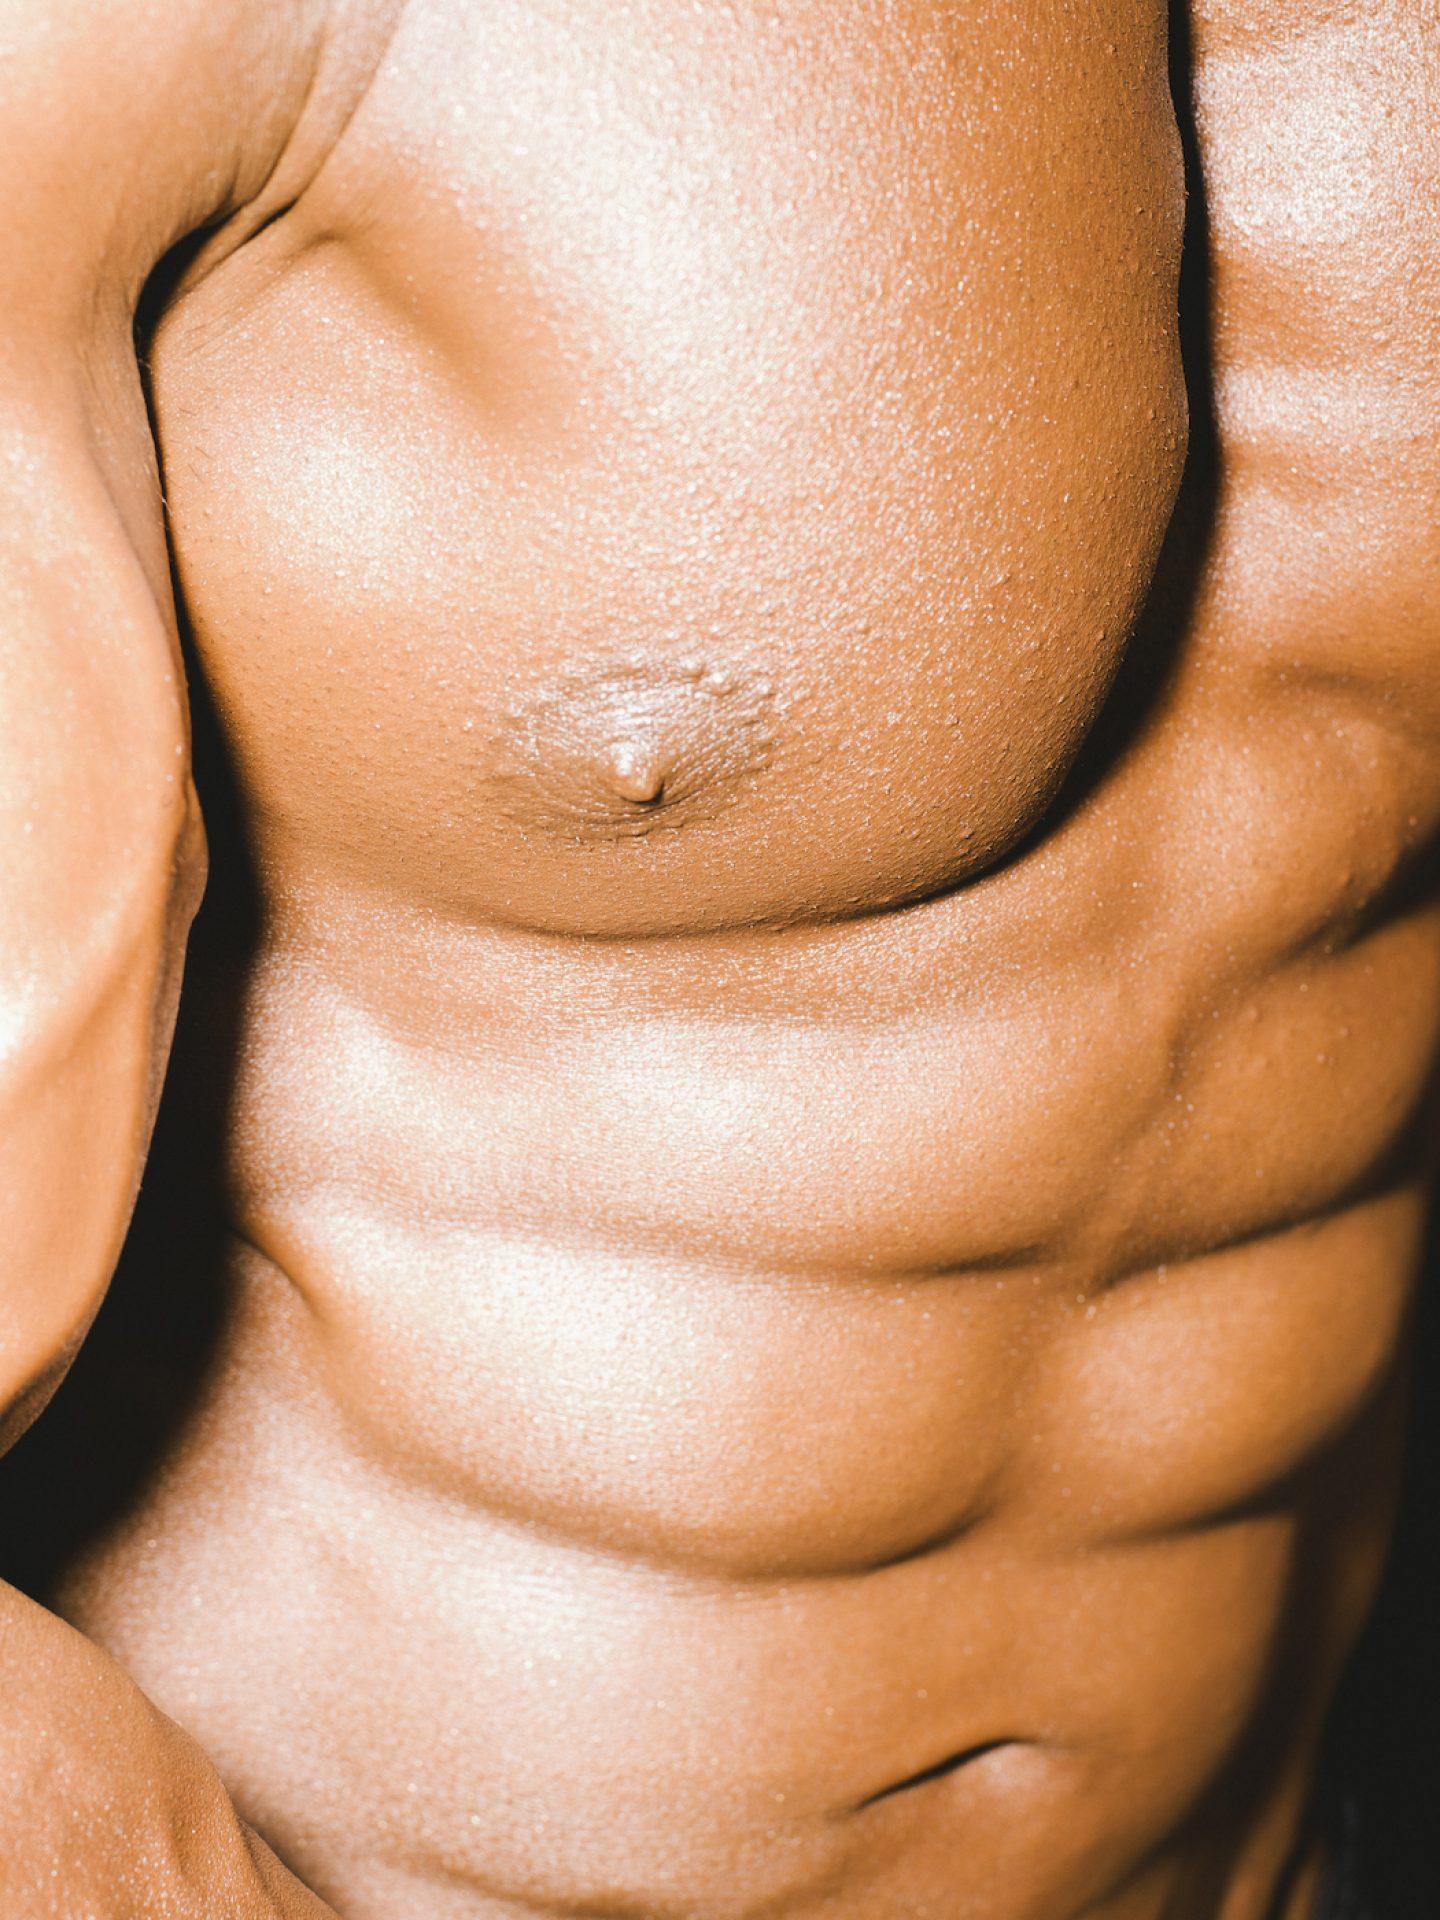 photography_danielgebhartdekoek_bodybuilder_23